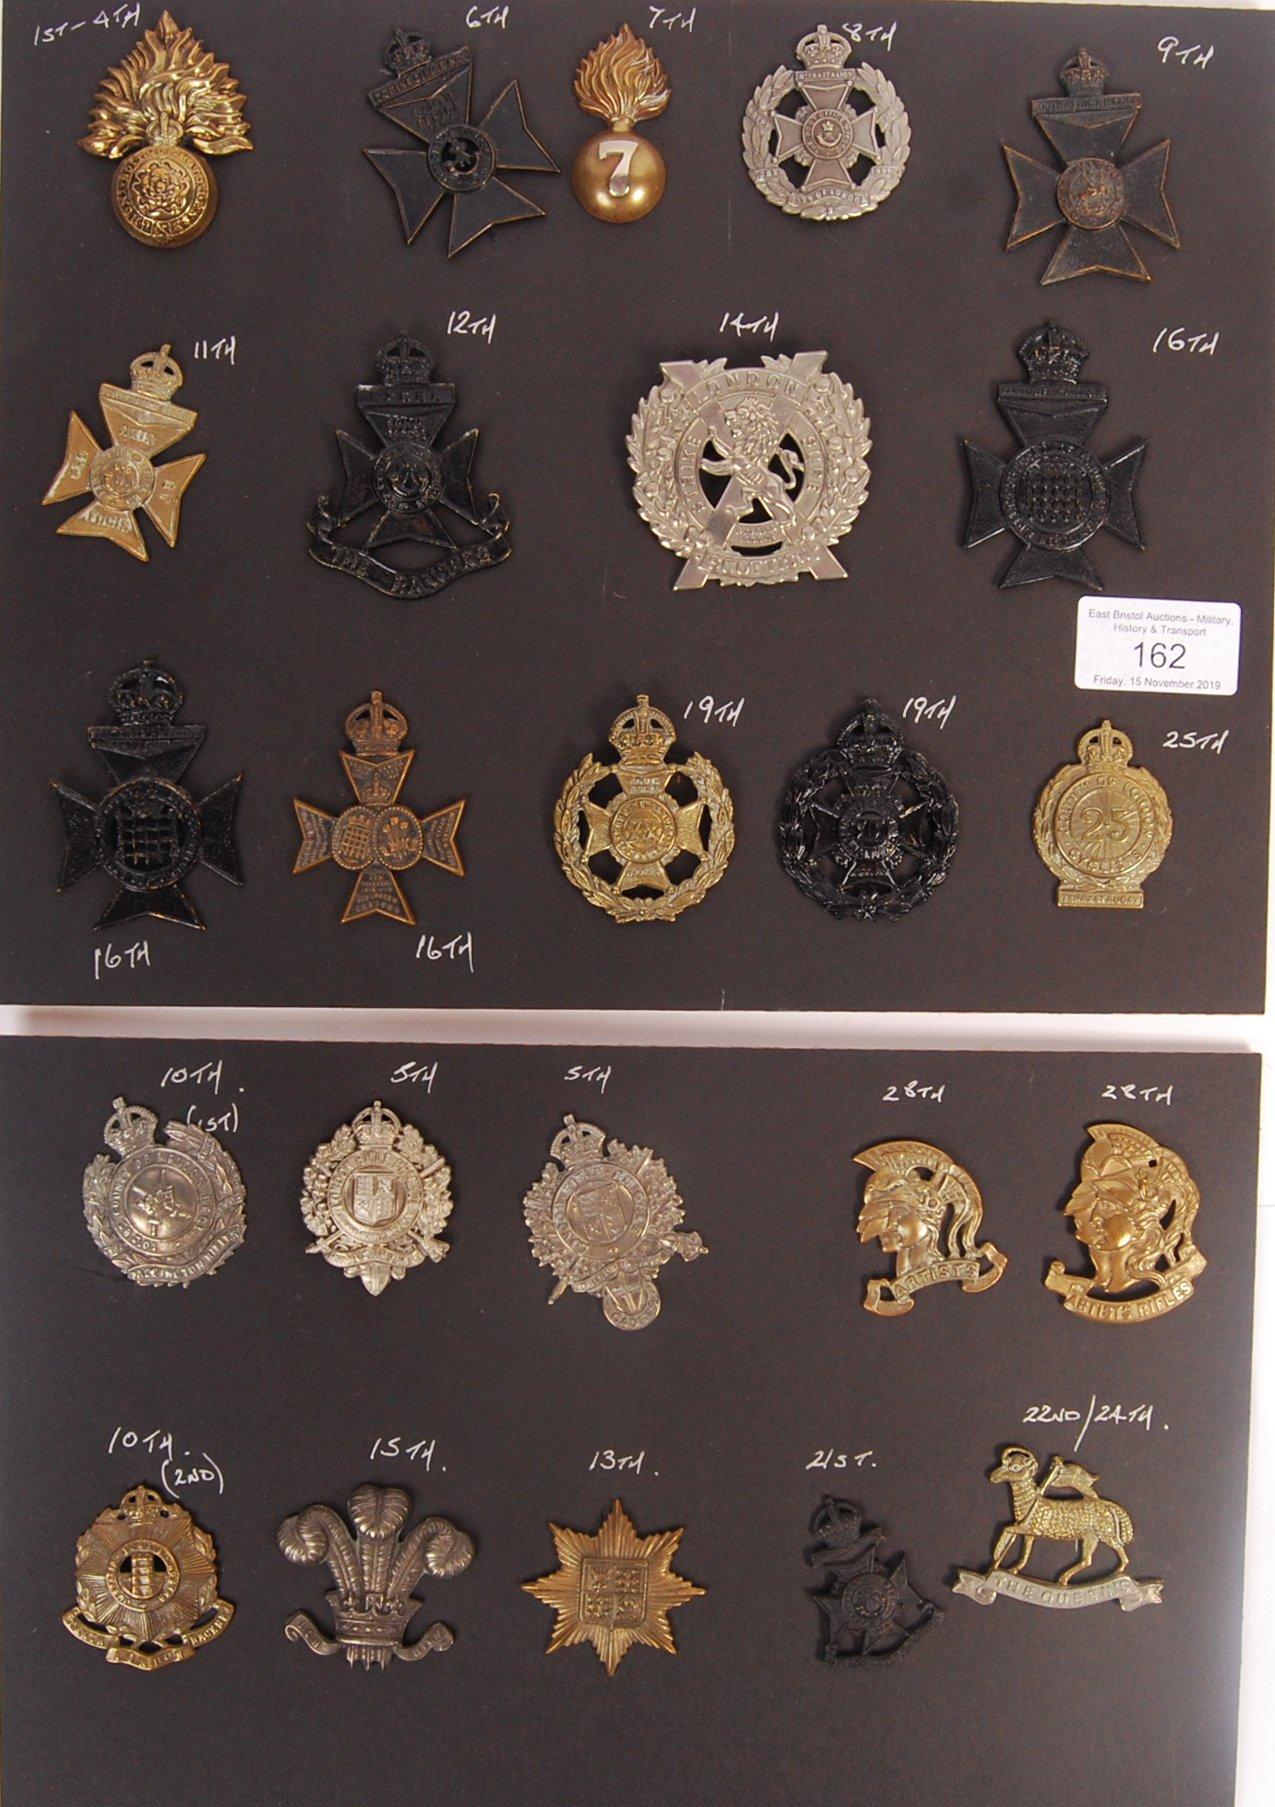 Lot 162 - COLLECTION OF ORIGINAL LONDON REGIMENT UNIFORM CAP